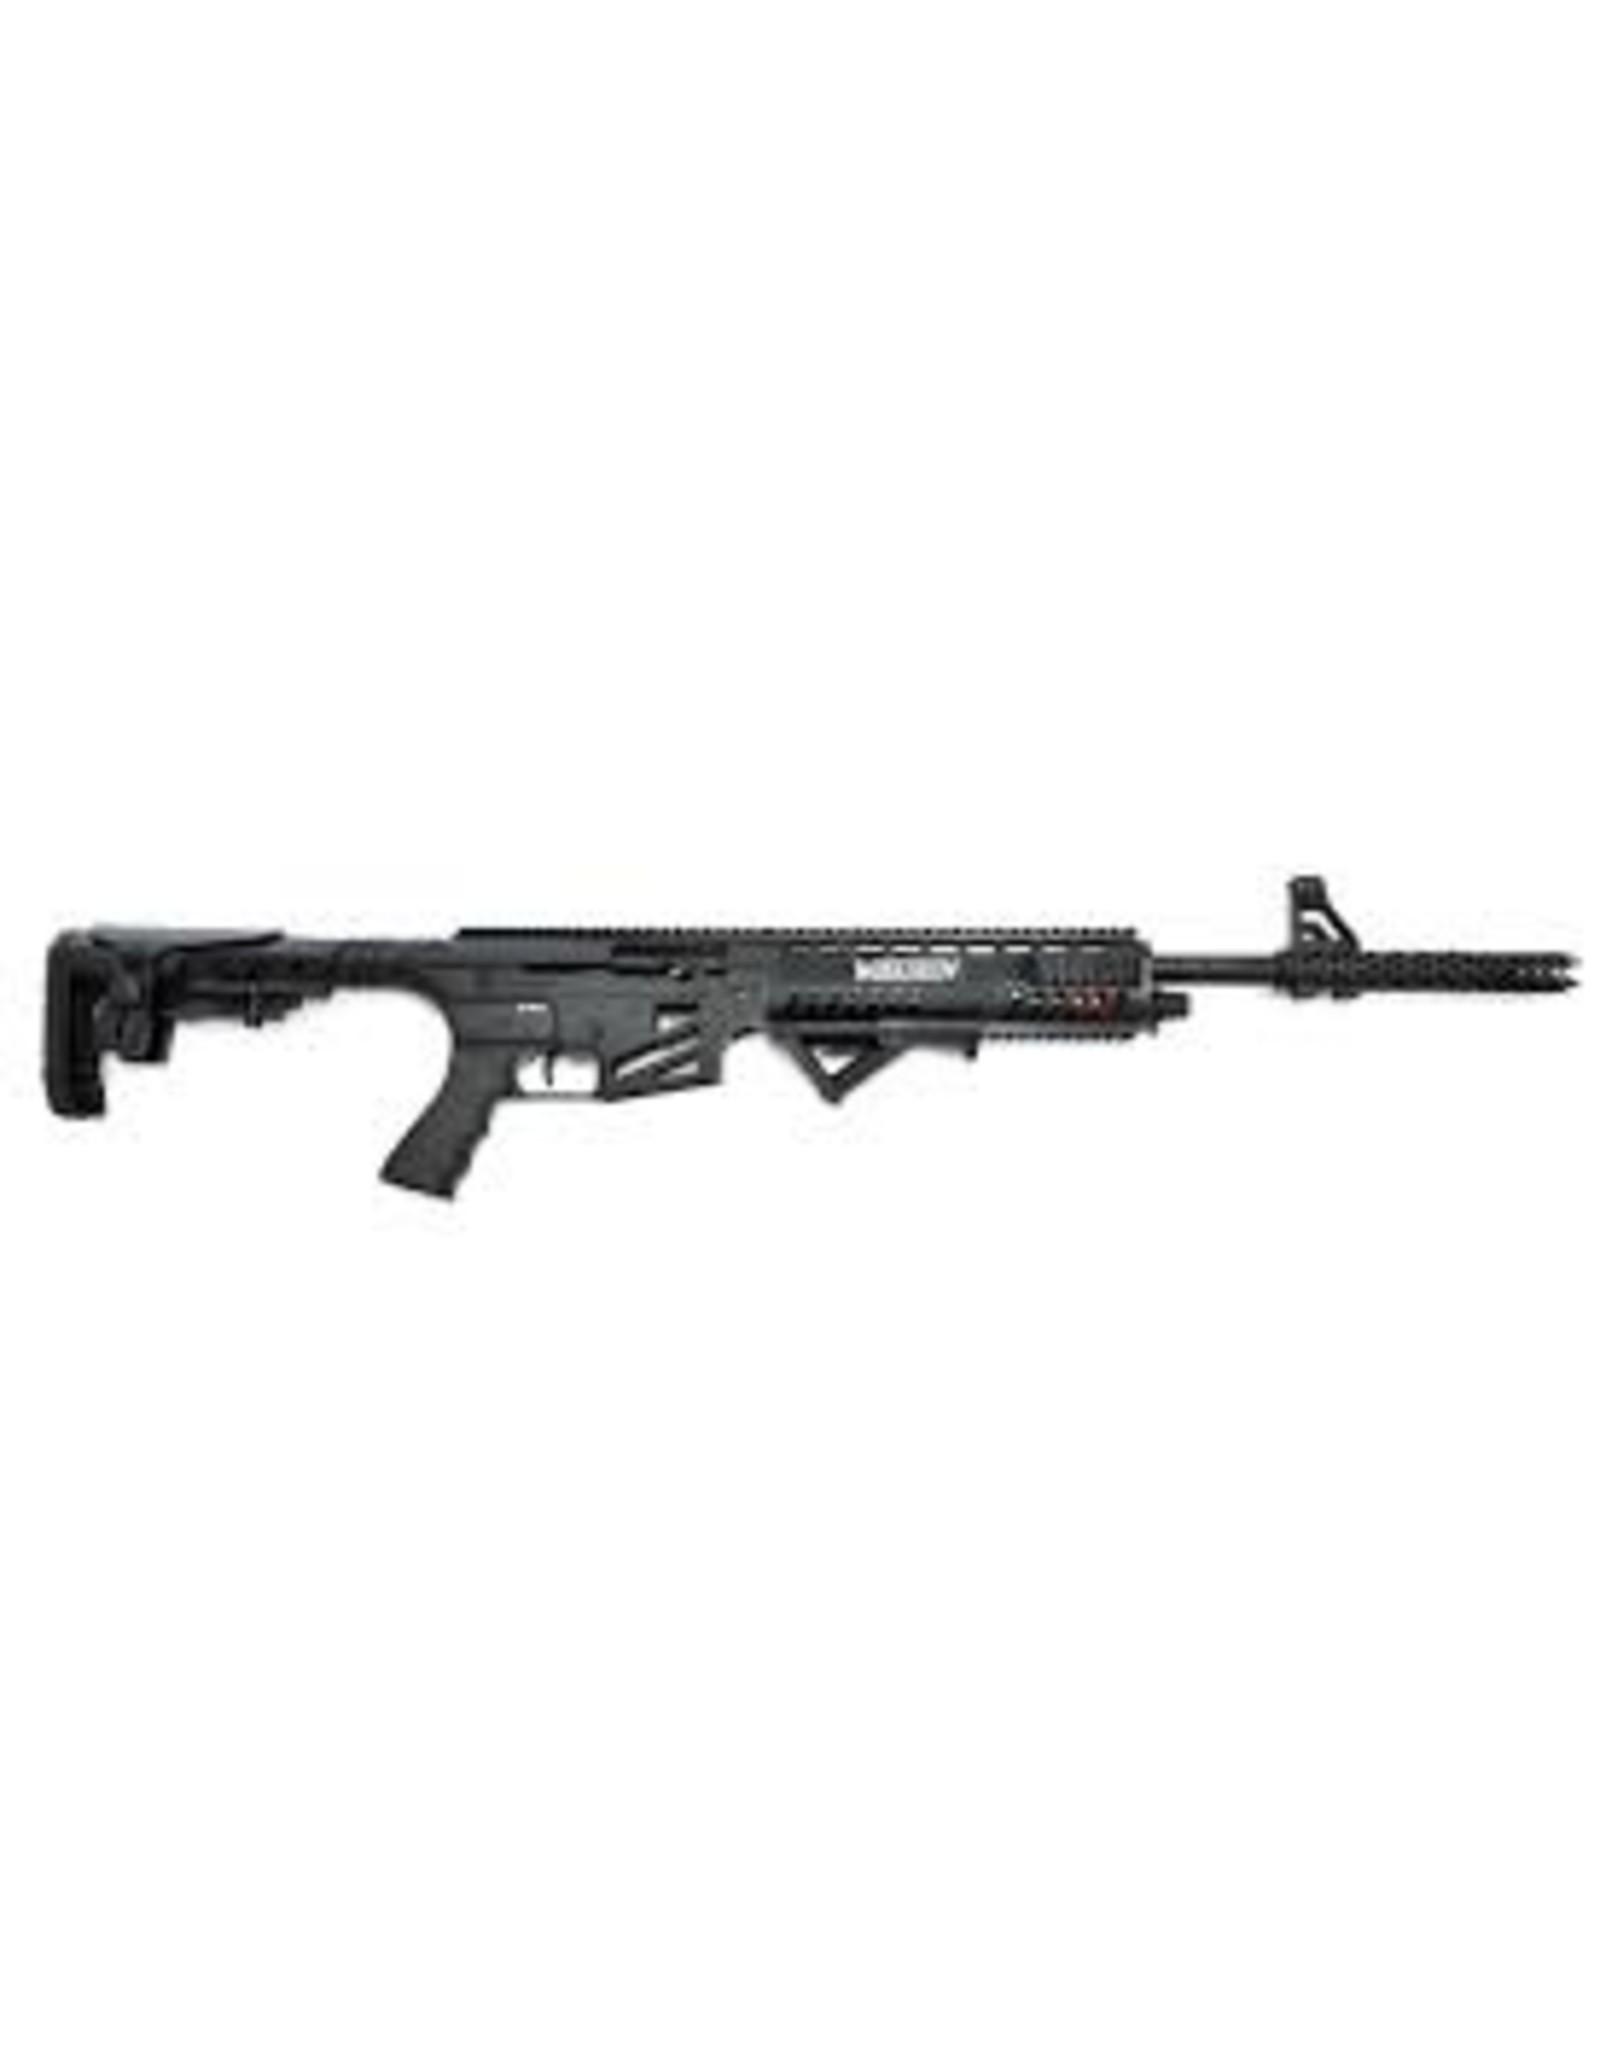 Balikli Balikli Makarov Turkey Shotgun Semi-Auto S12 12GA Grey